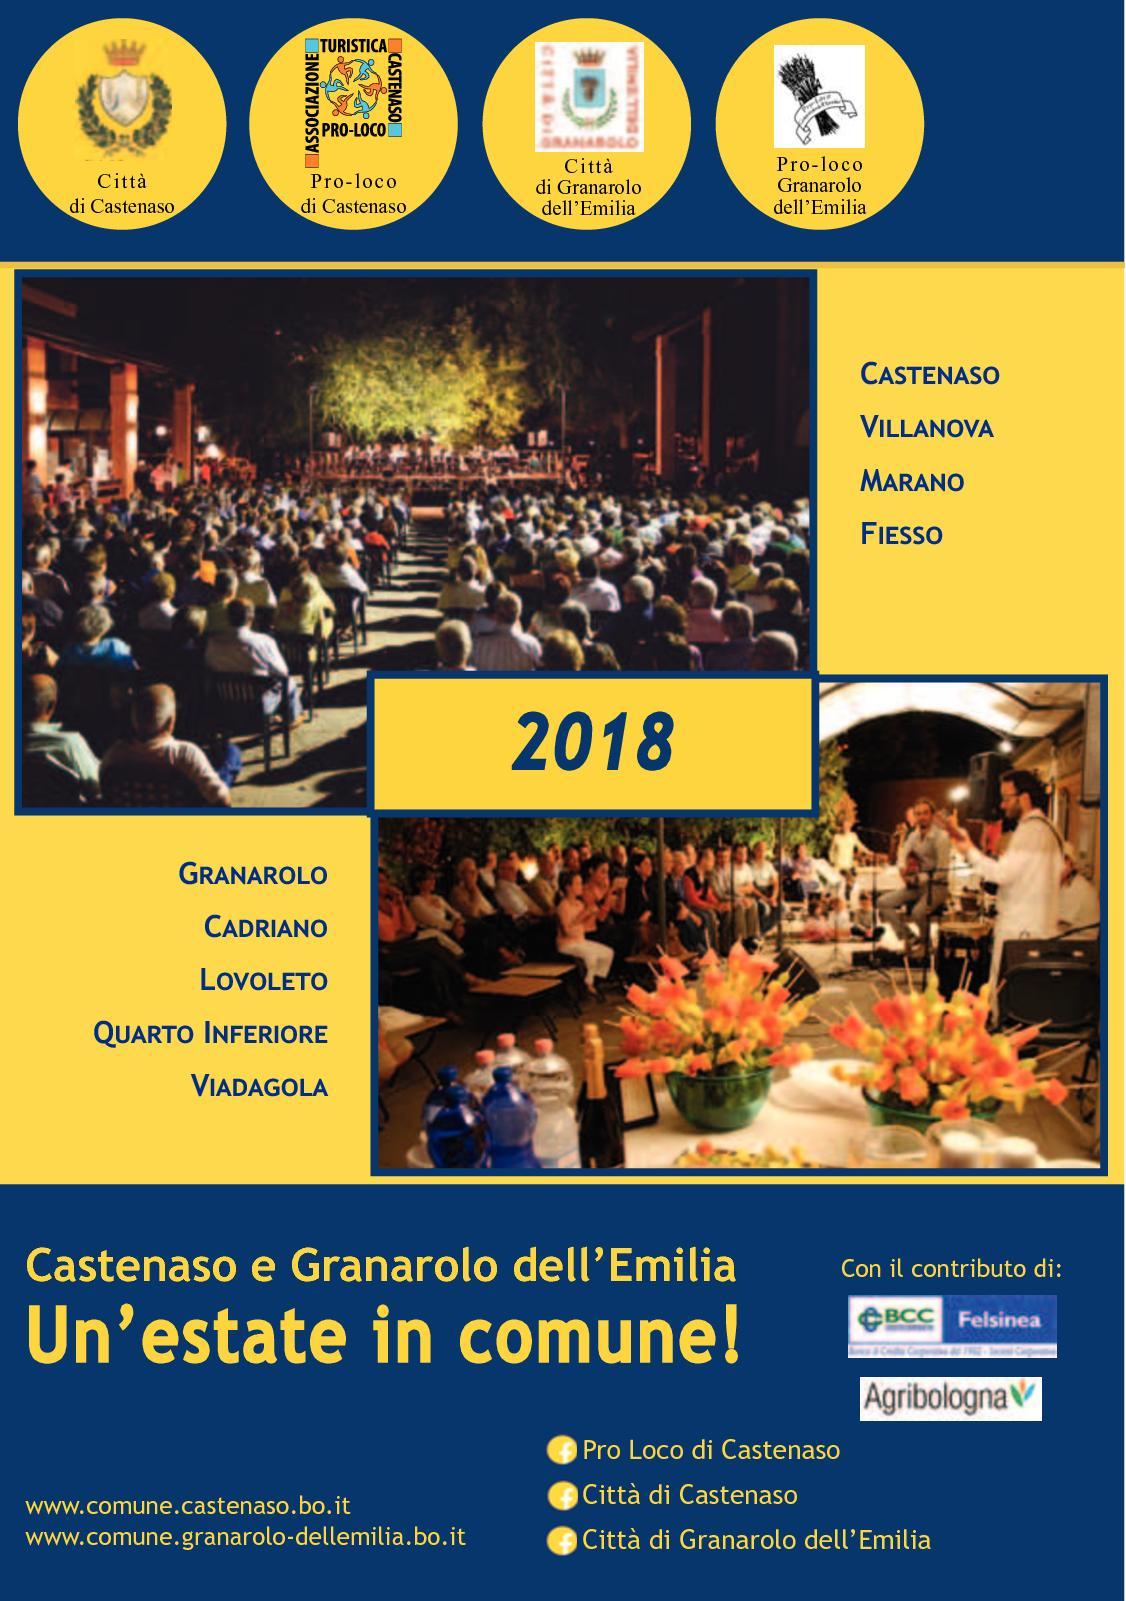 Comune Di Granarolo Dell Emilia calaméo - guida estate castenaso-granarolo 2018